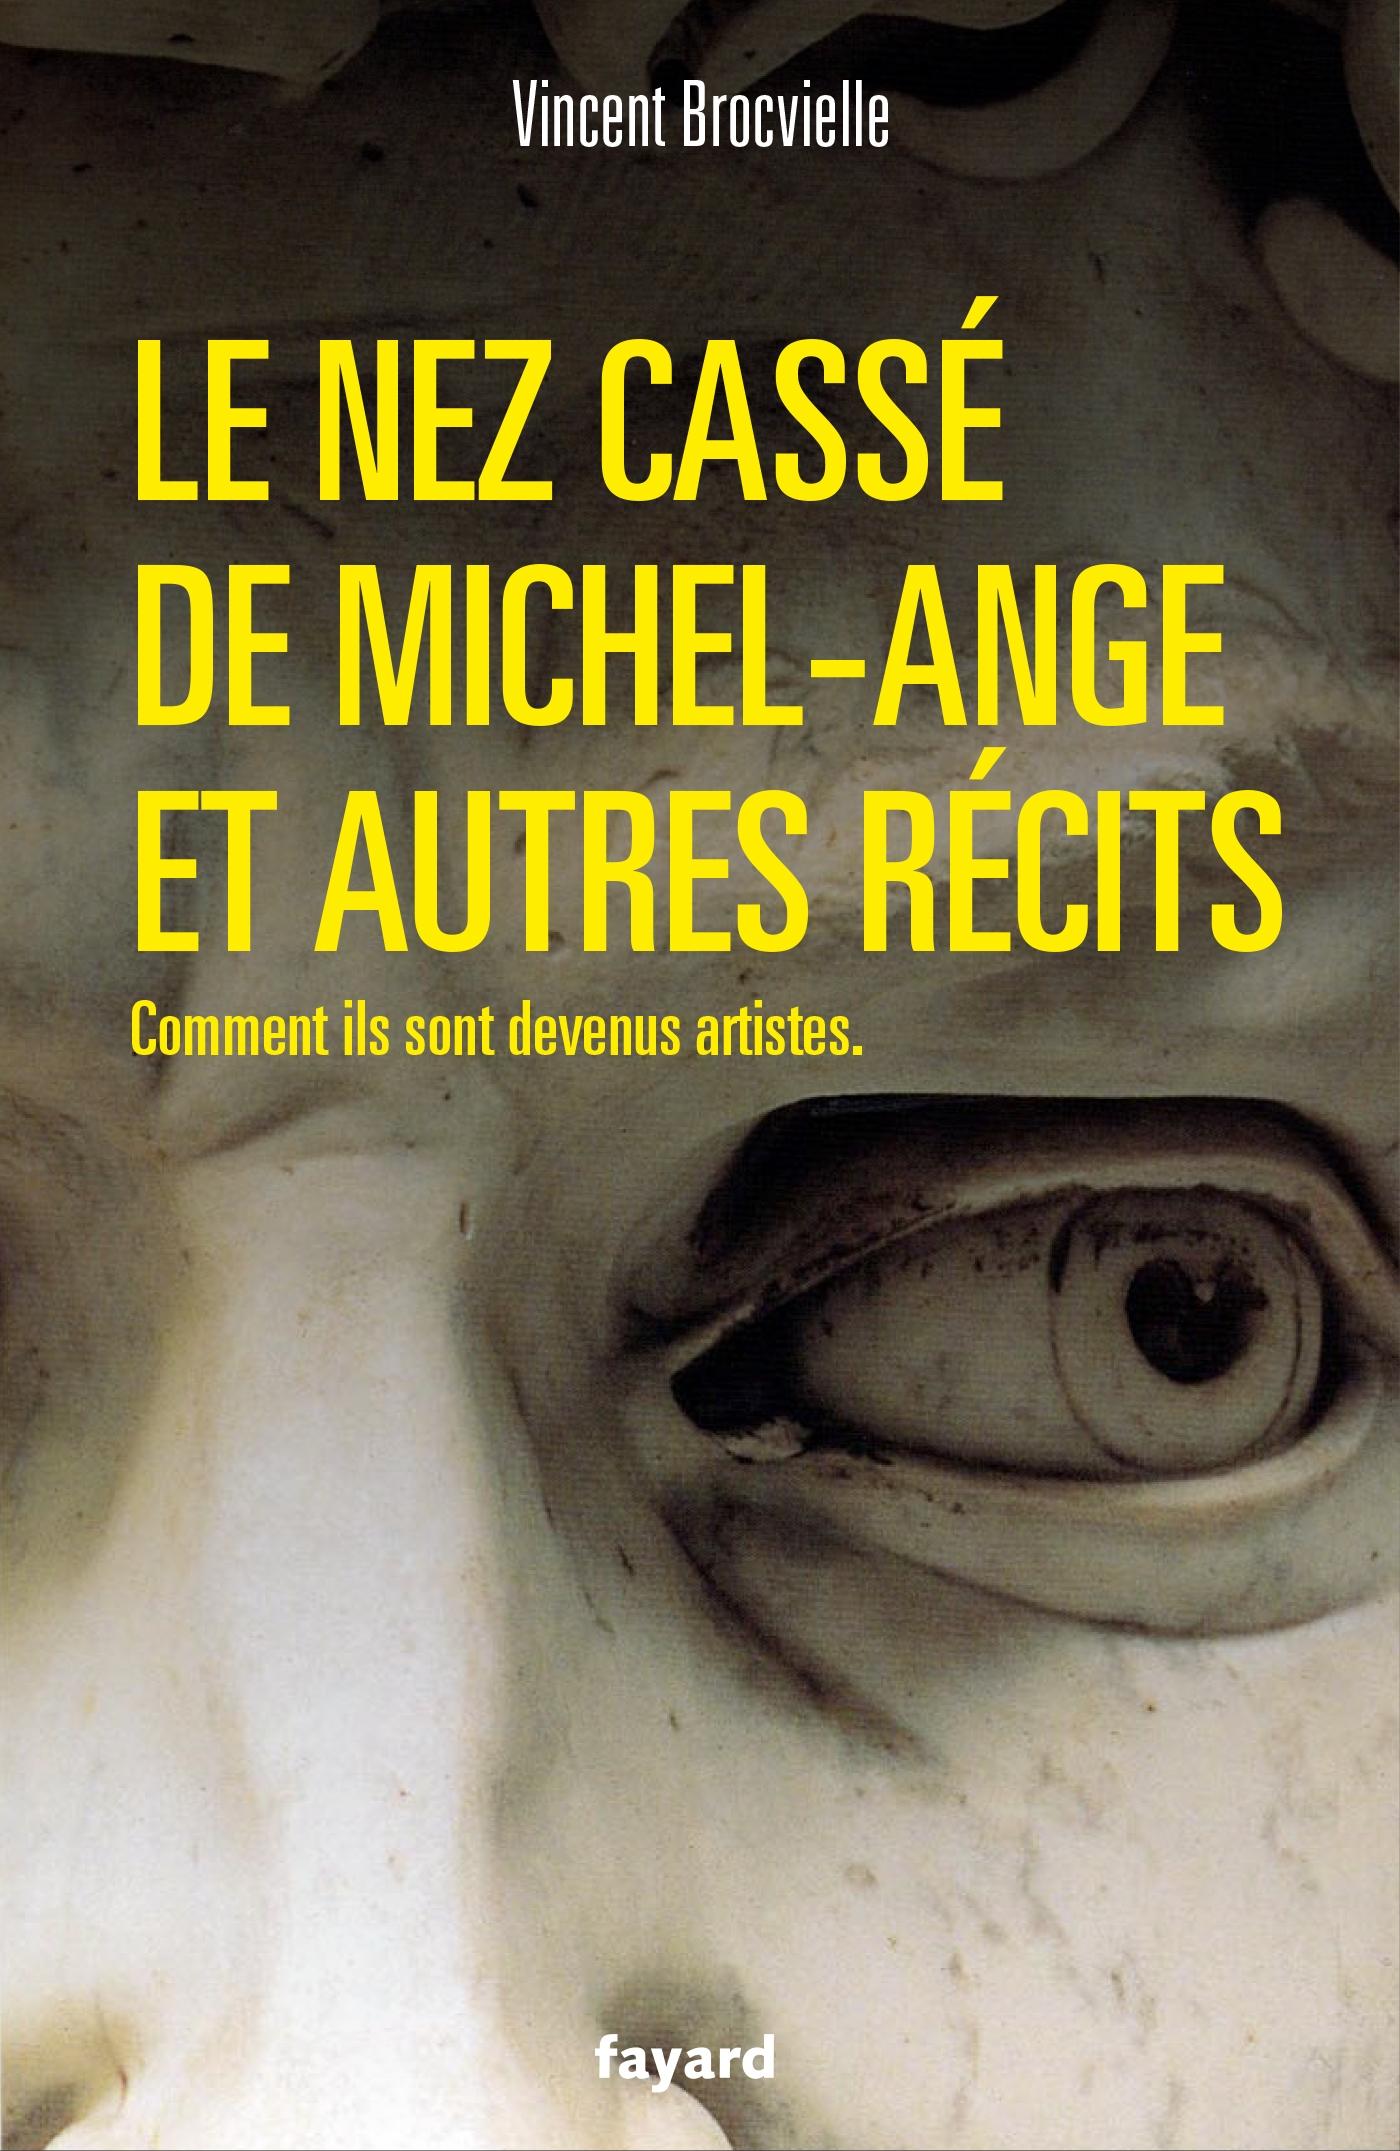 Le nez cassé de Michel-Ange et autres récits | Brocvielle, Vincent